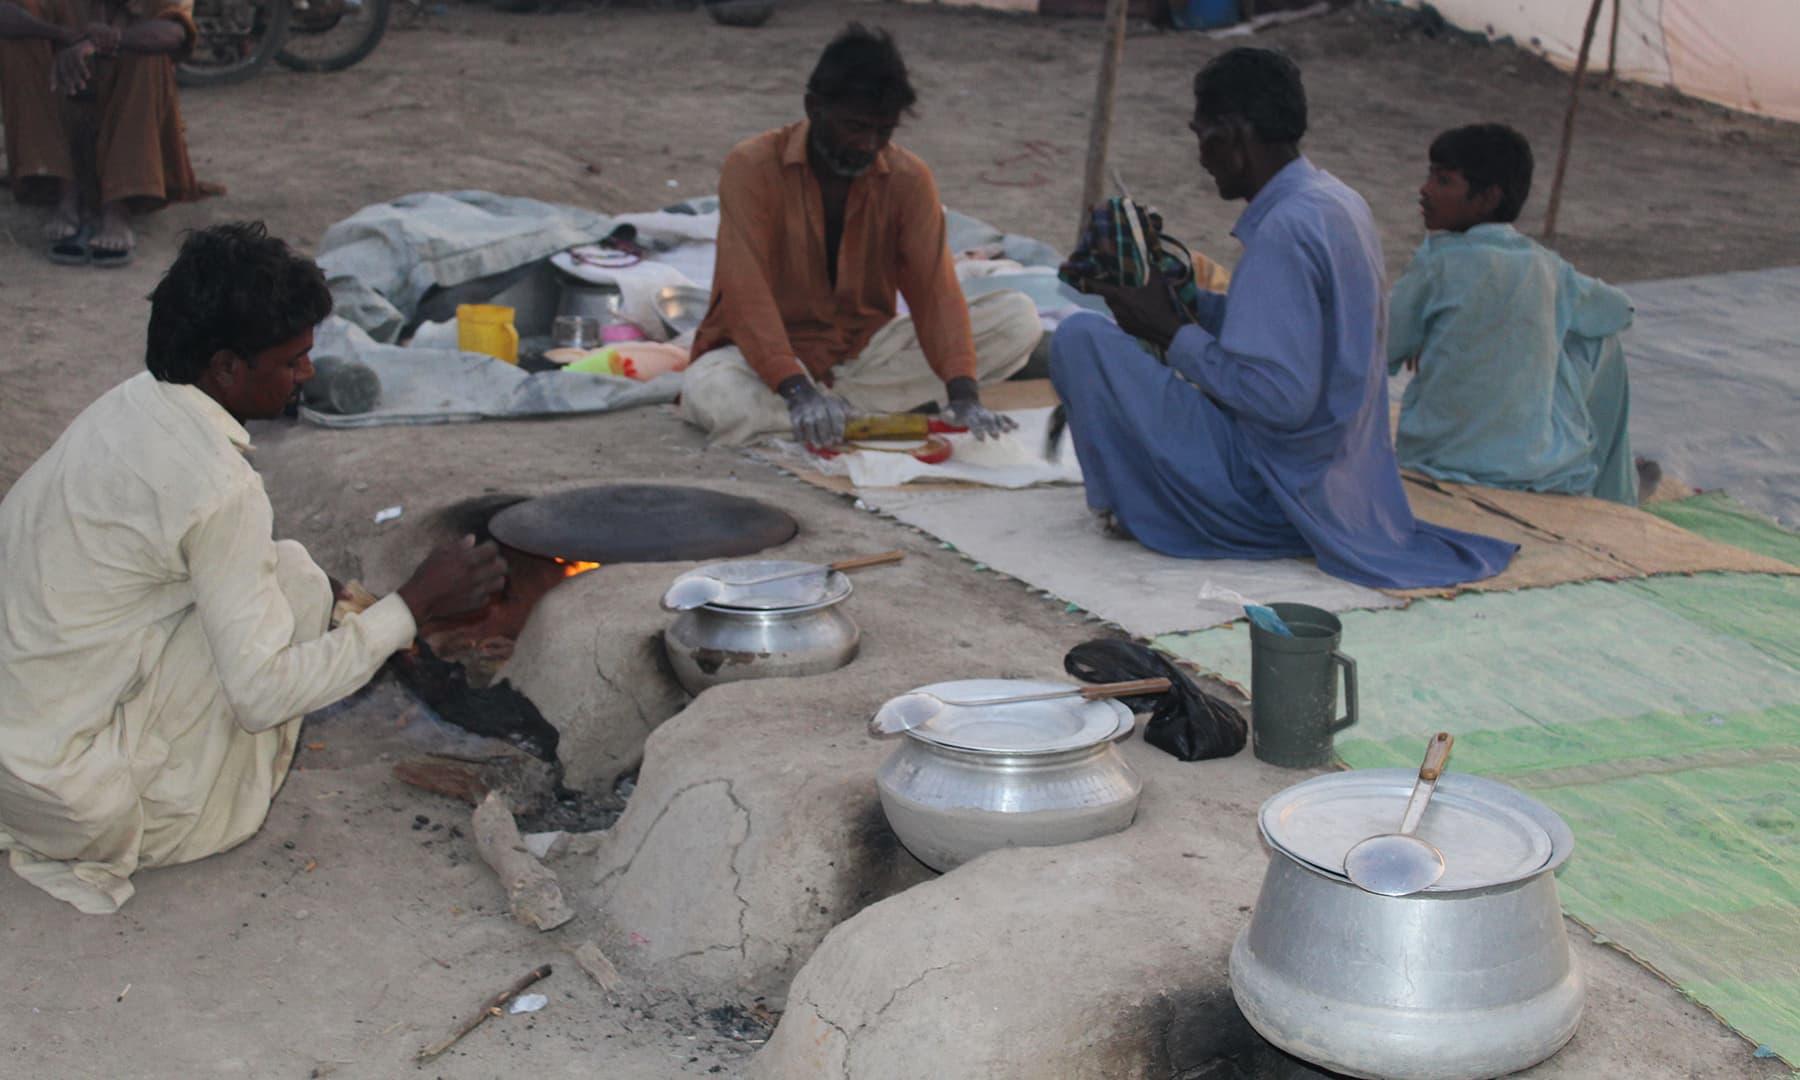 سمن سرکار کے میلے کے دوران مرغ پکایا جا رہا ہے—تصویر اختر حفیظ